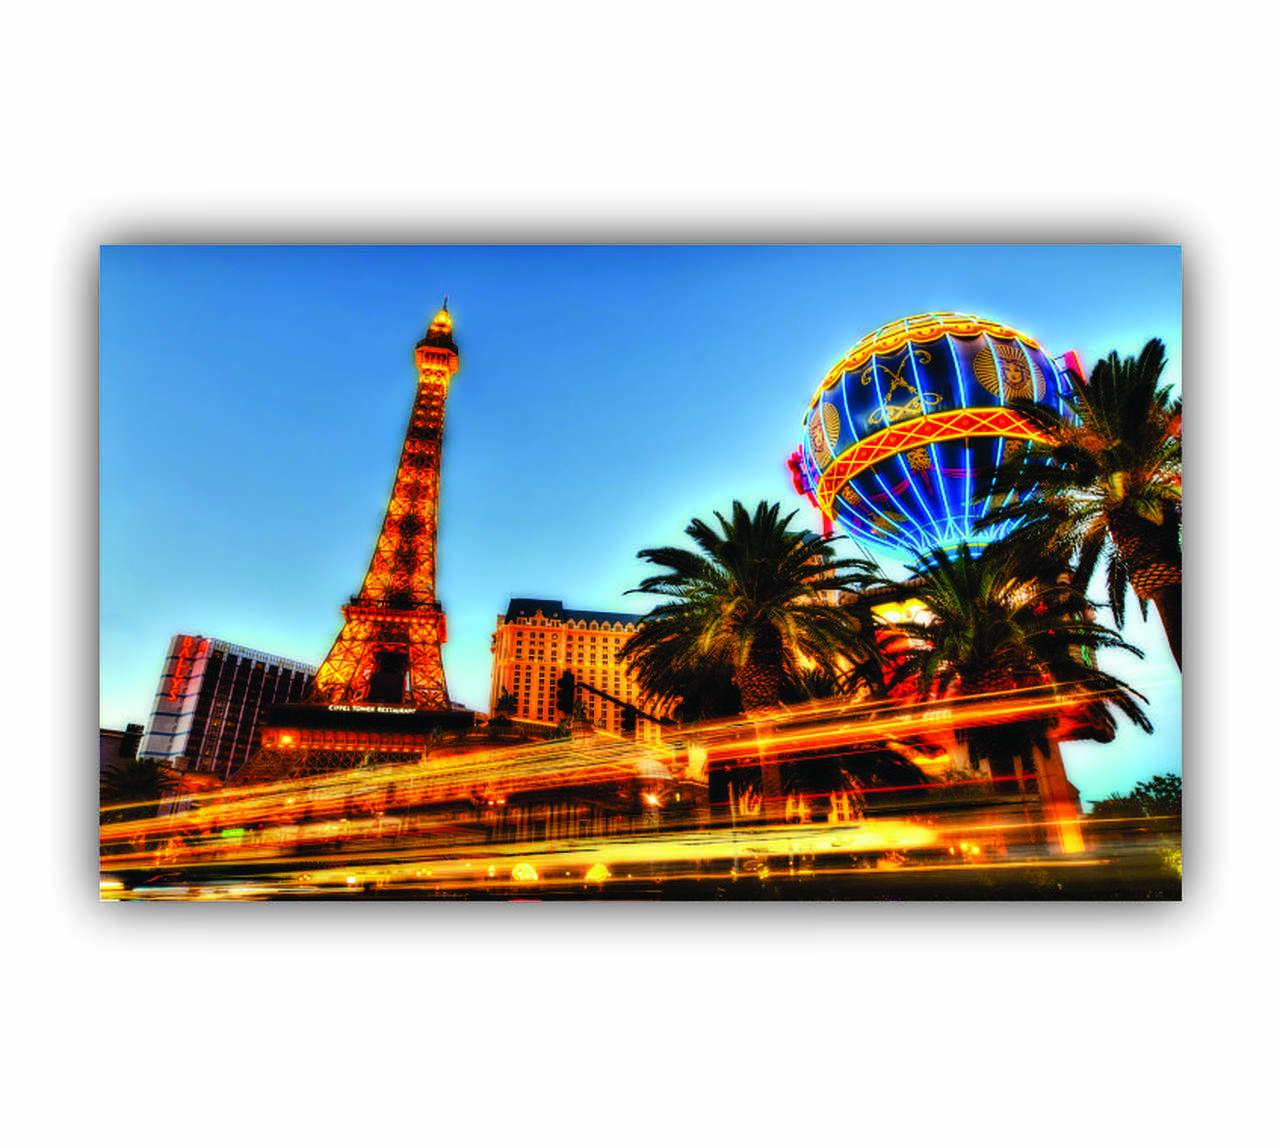 Quadro Vegas Luxo - Tela Única